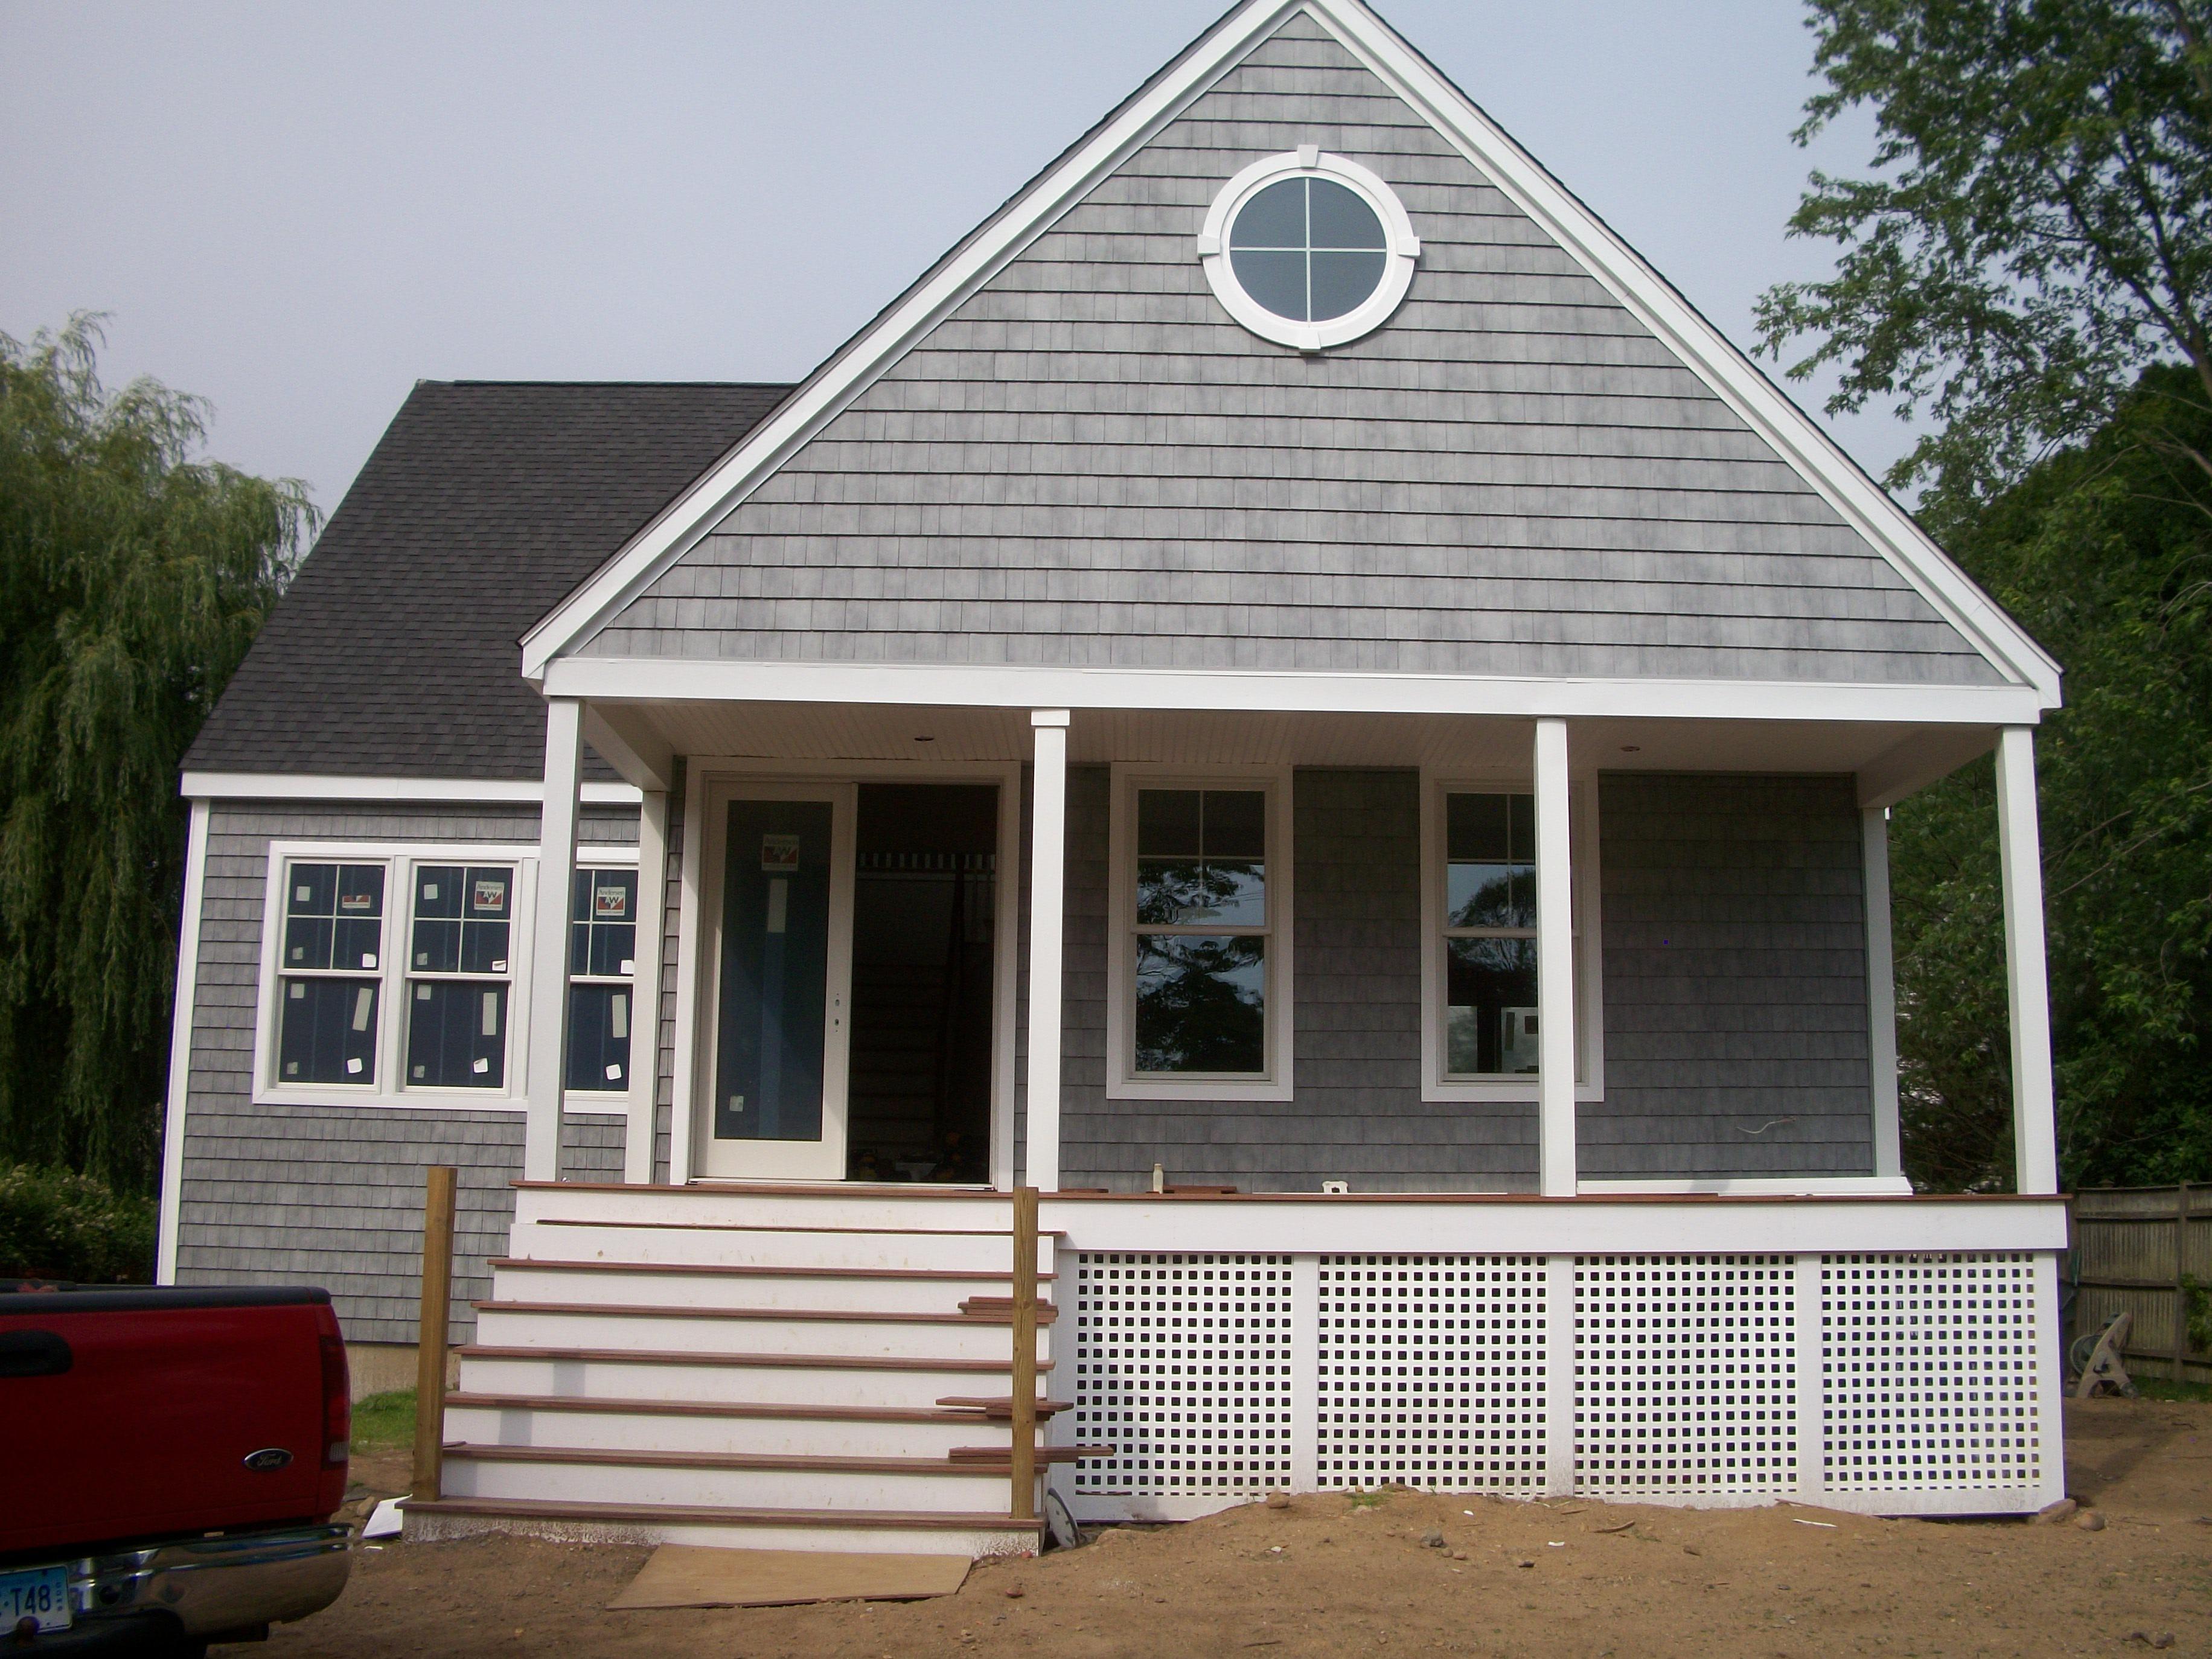 Casa Unifamiliar por un Venta en 68 Bellstone Ave Westbrook, Connecticut 06498 Estados Unidos